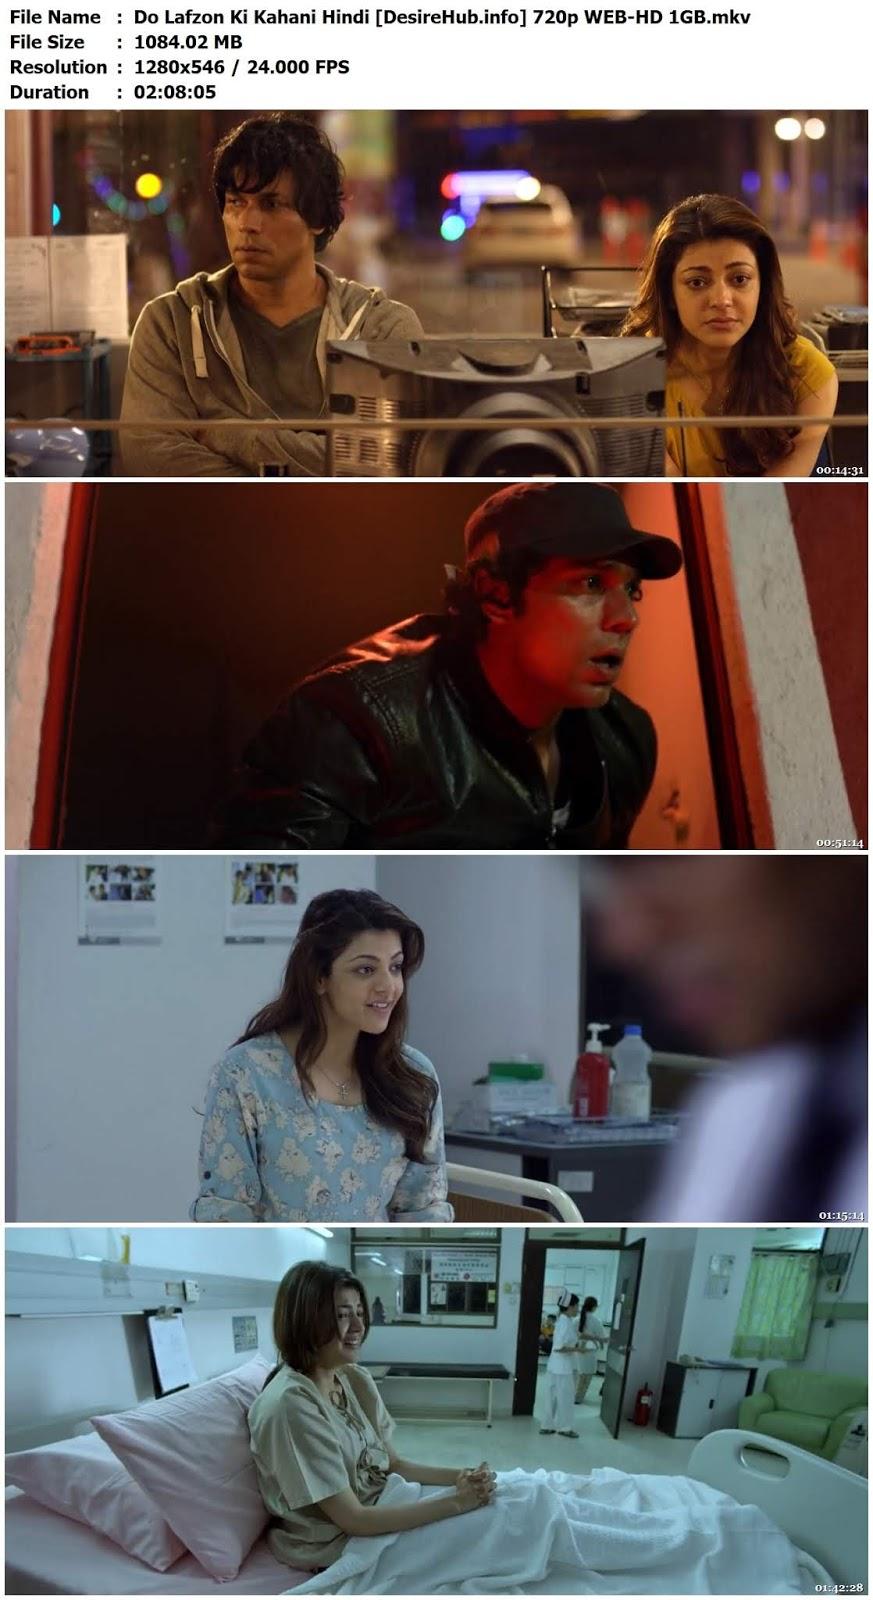 Do Lafzon Ki Kahani 2016 Hindi 720p WEB-HD 1GB Desirehub